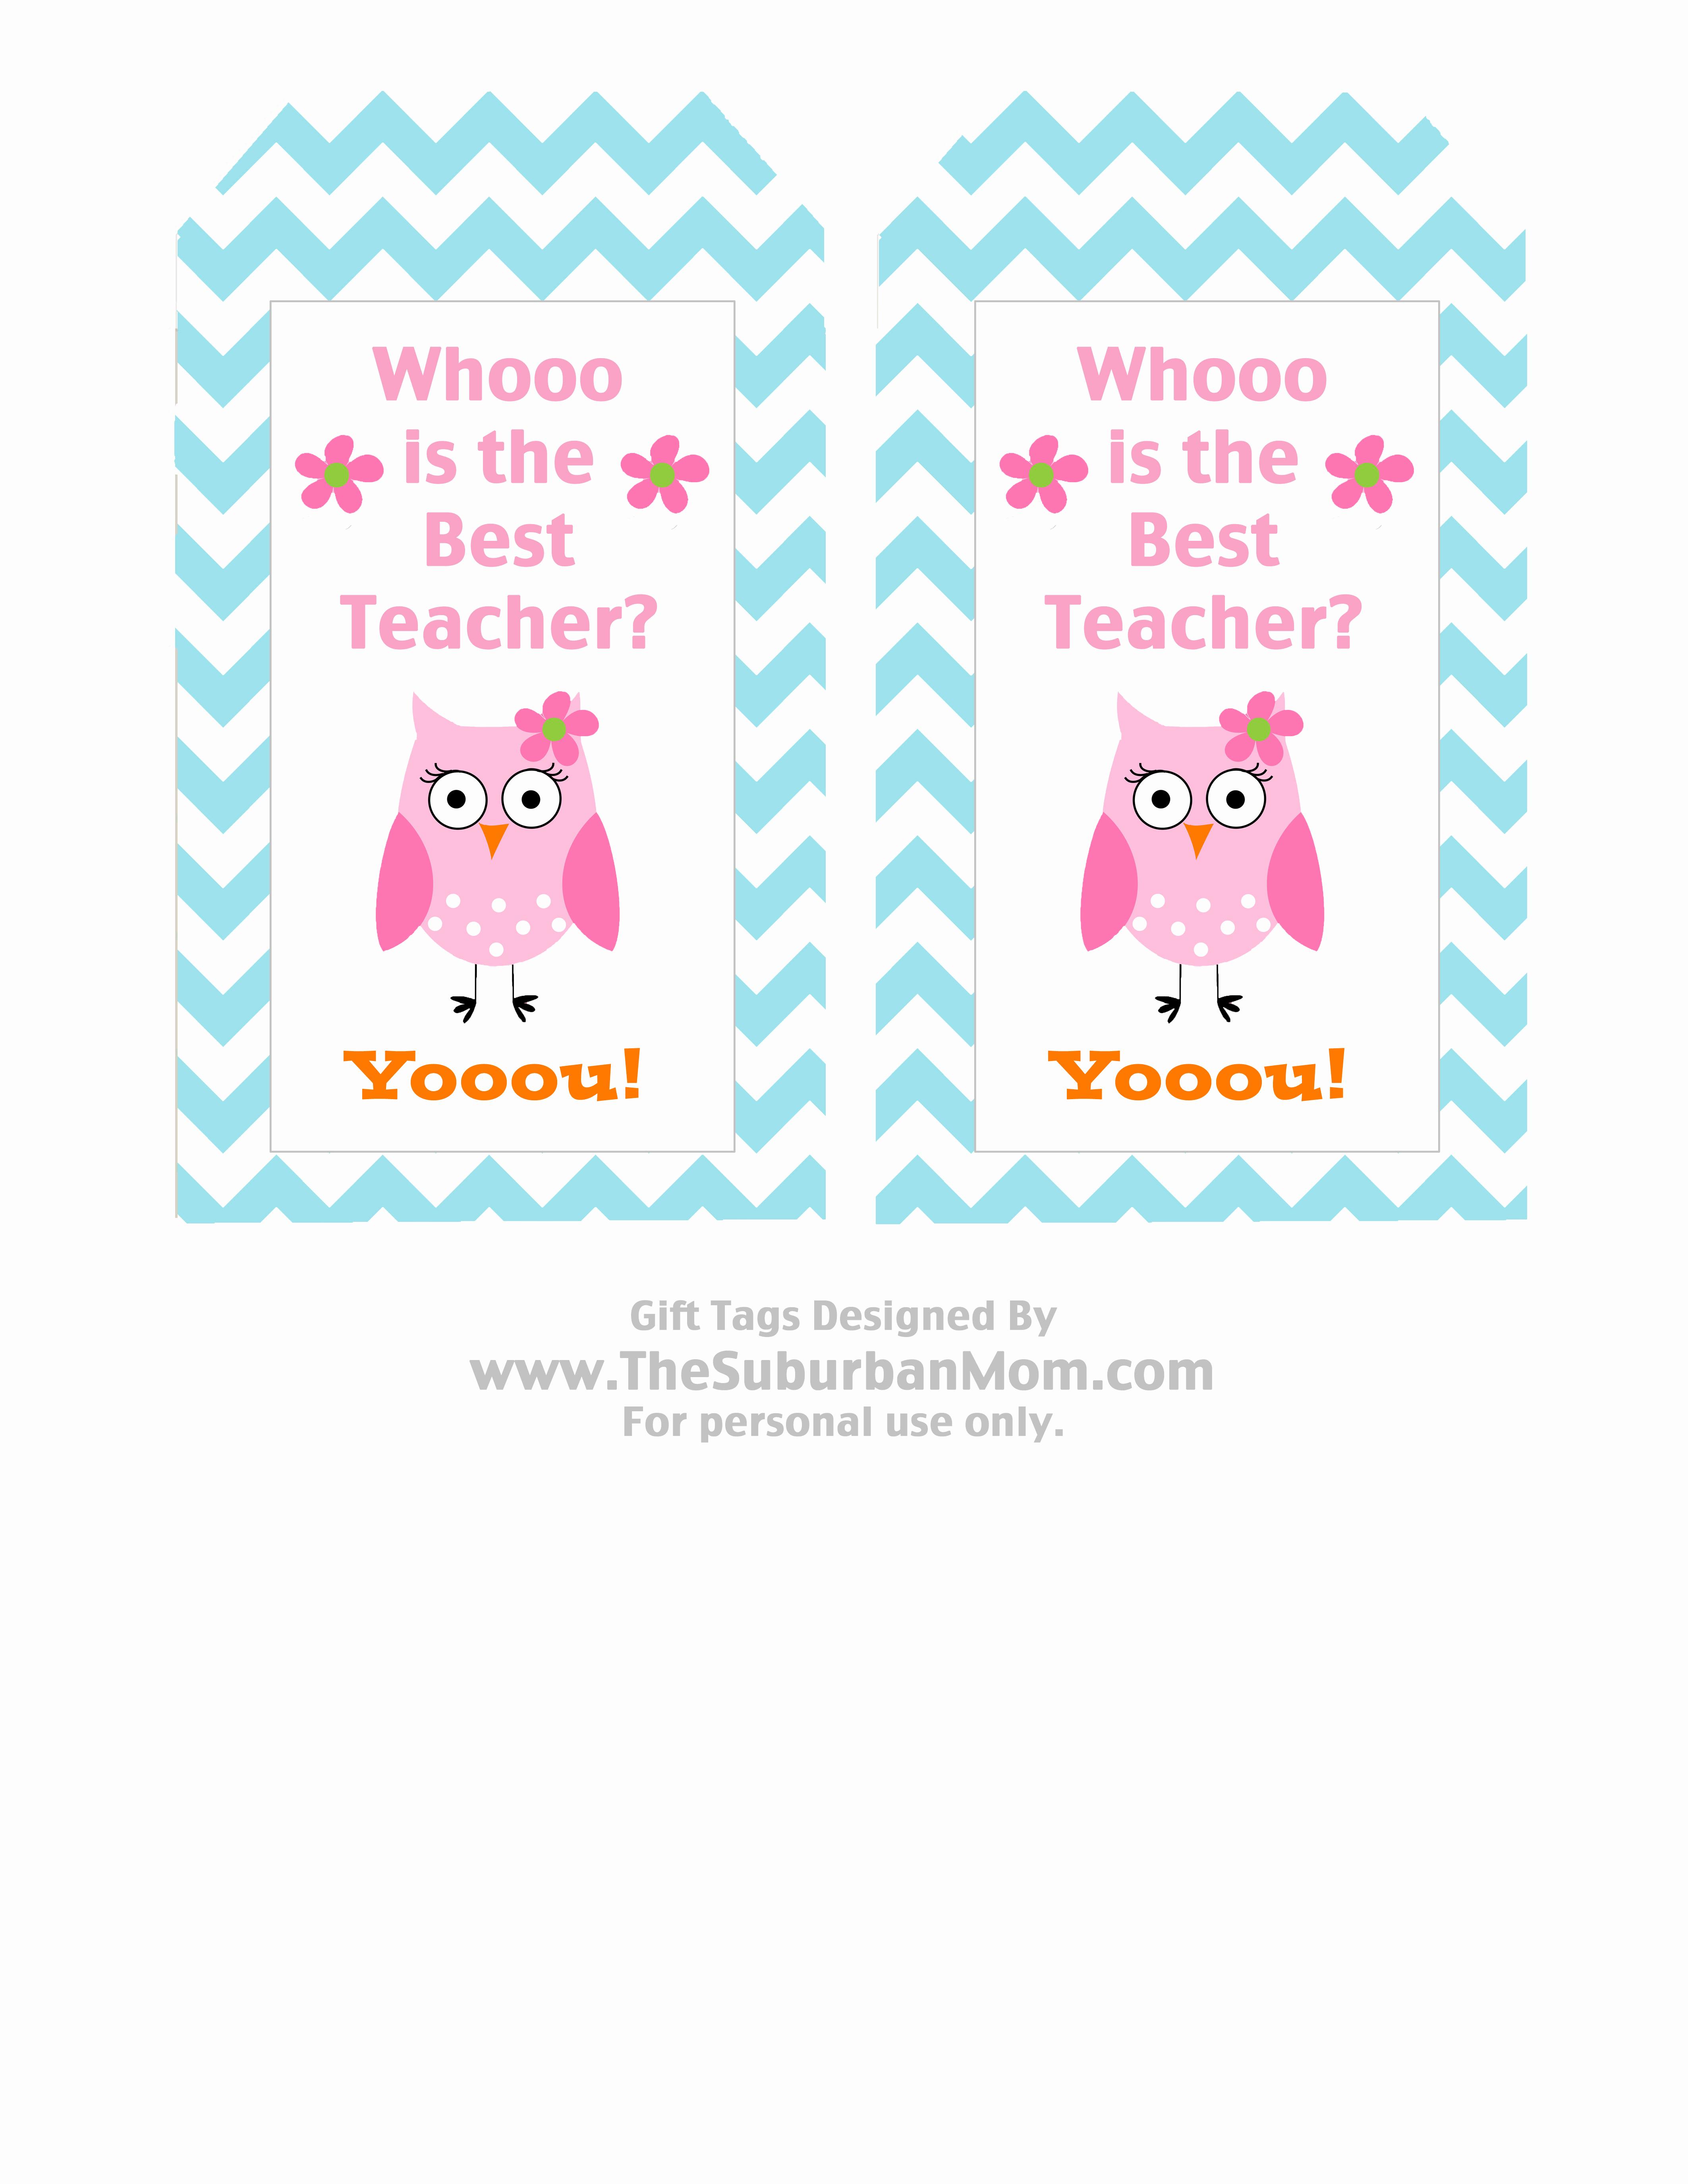 Free Printable Teacher Gift Tag Free Printables - Classy World - Free Printable Tags For Teacher Appreciation